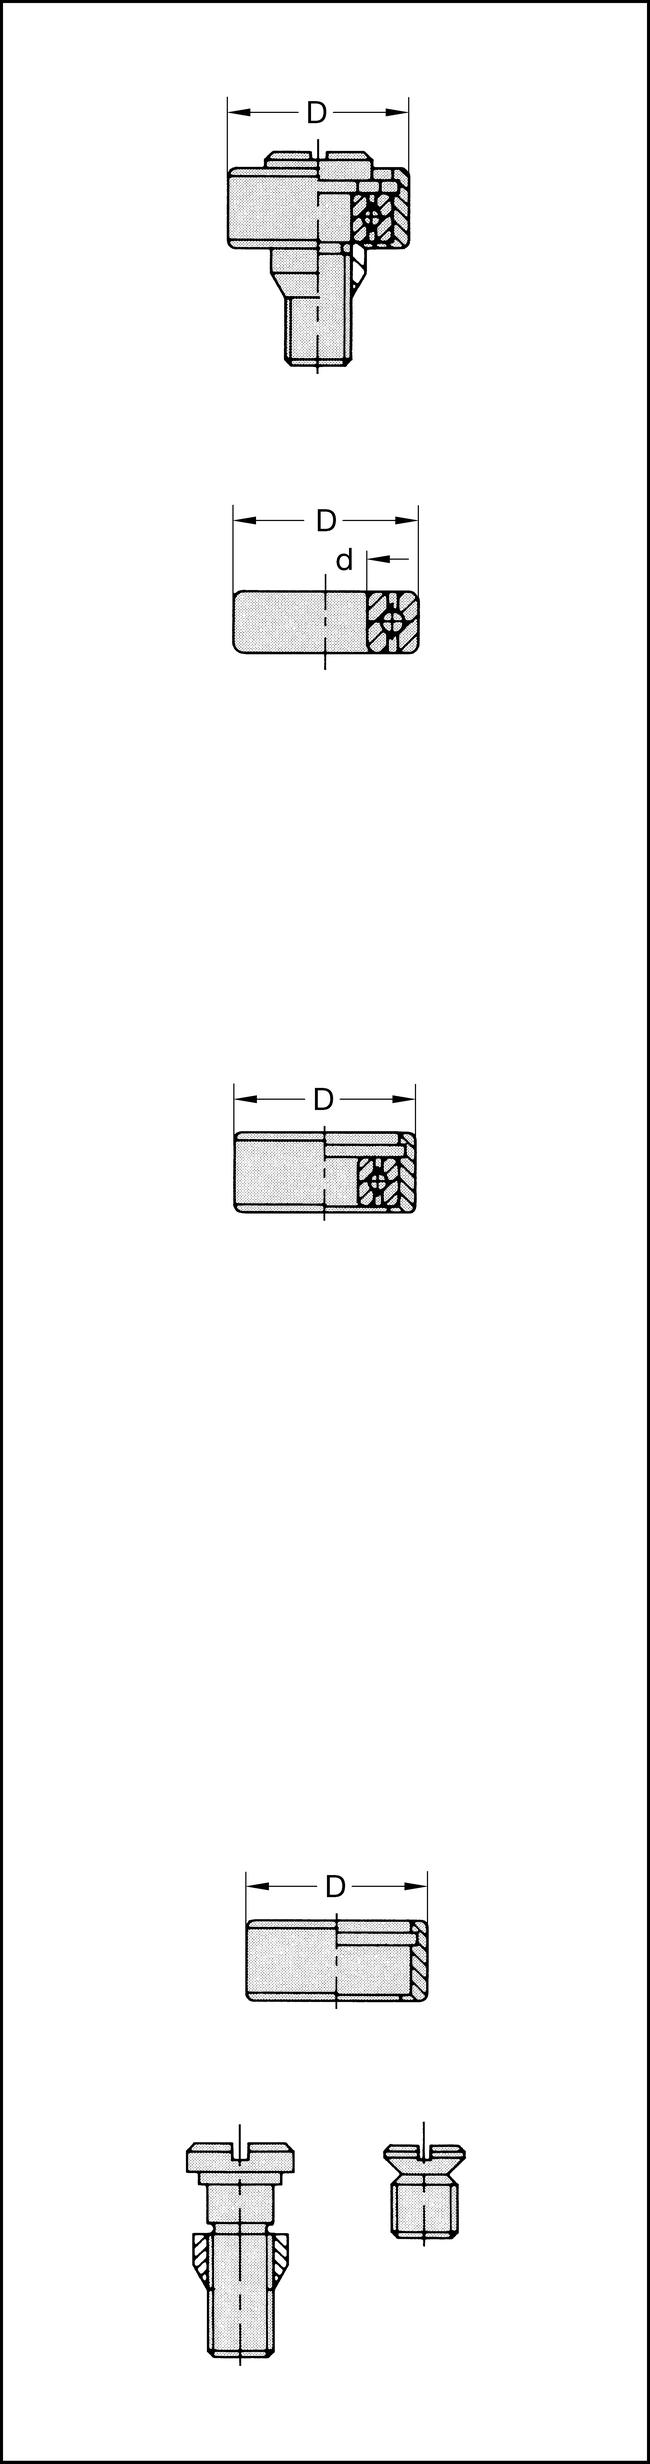 Kugellager 25mm d=9,5mm